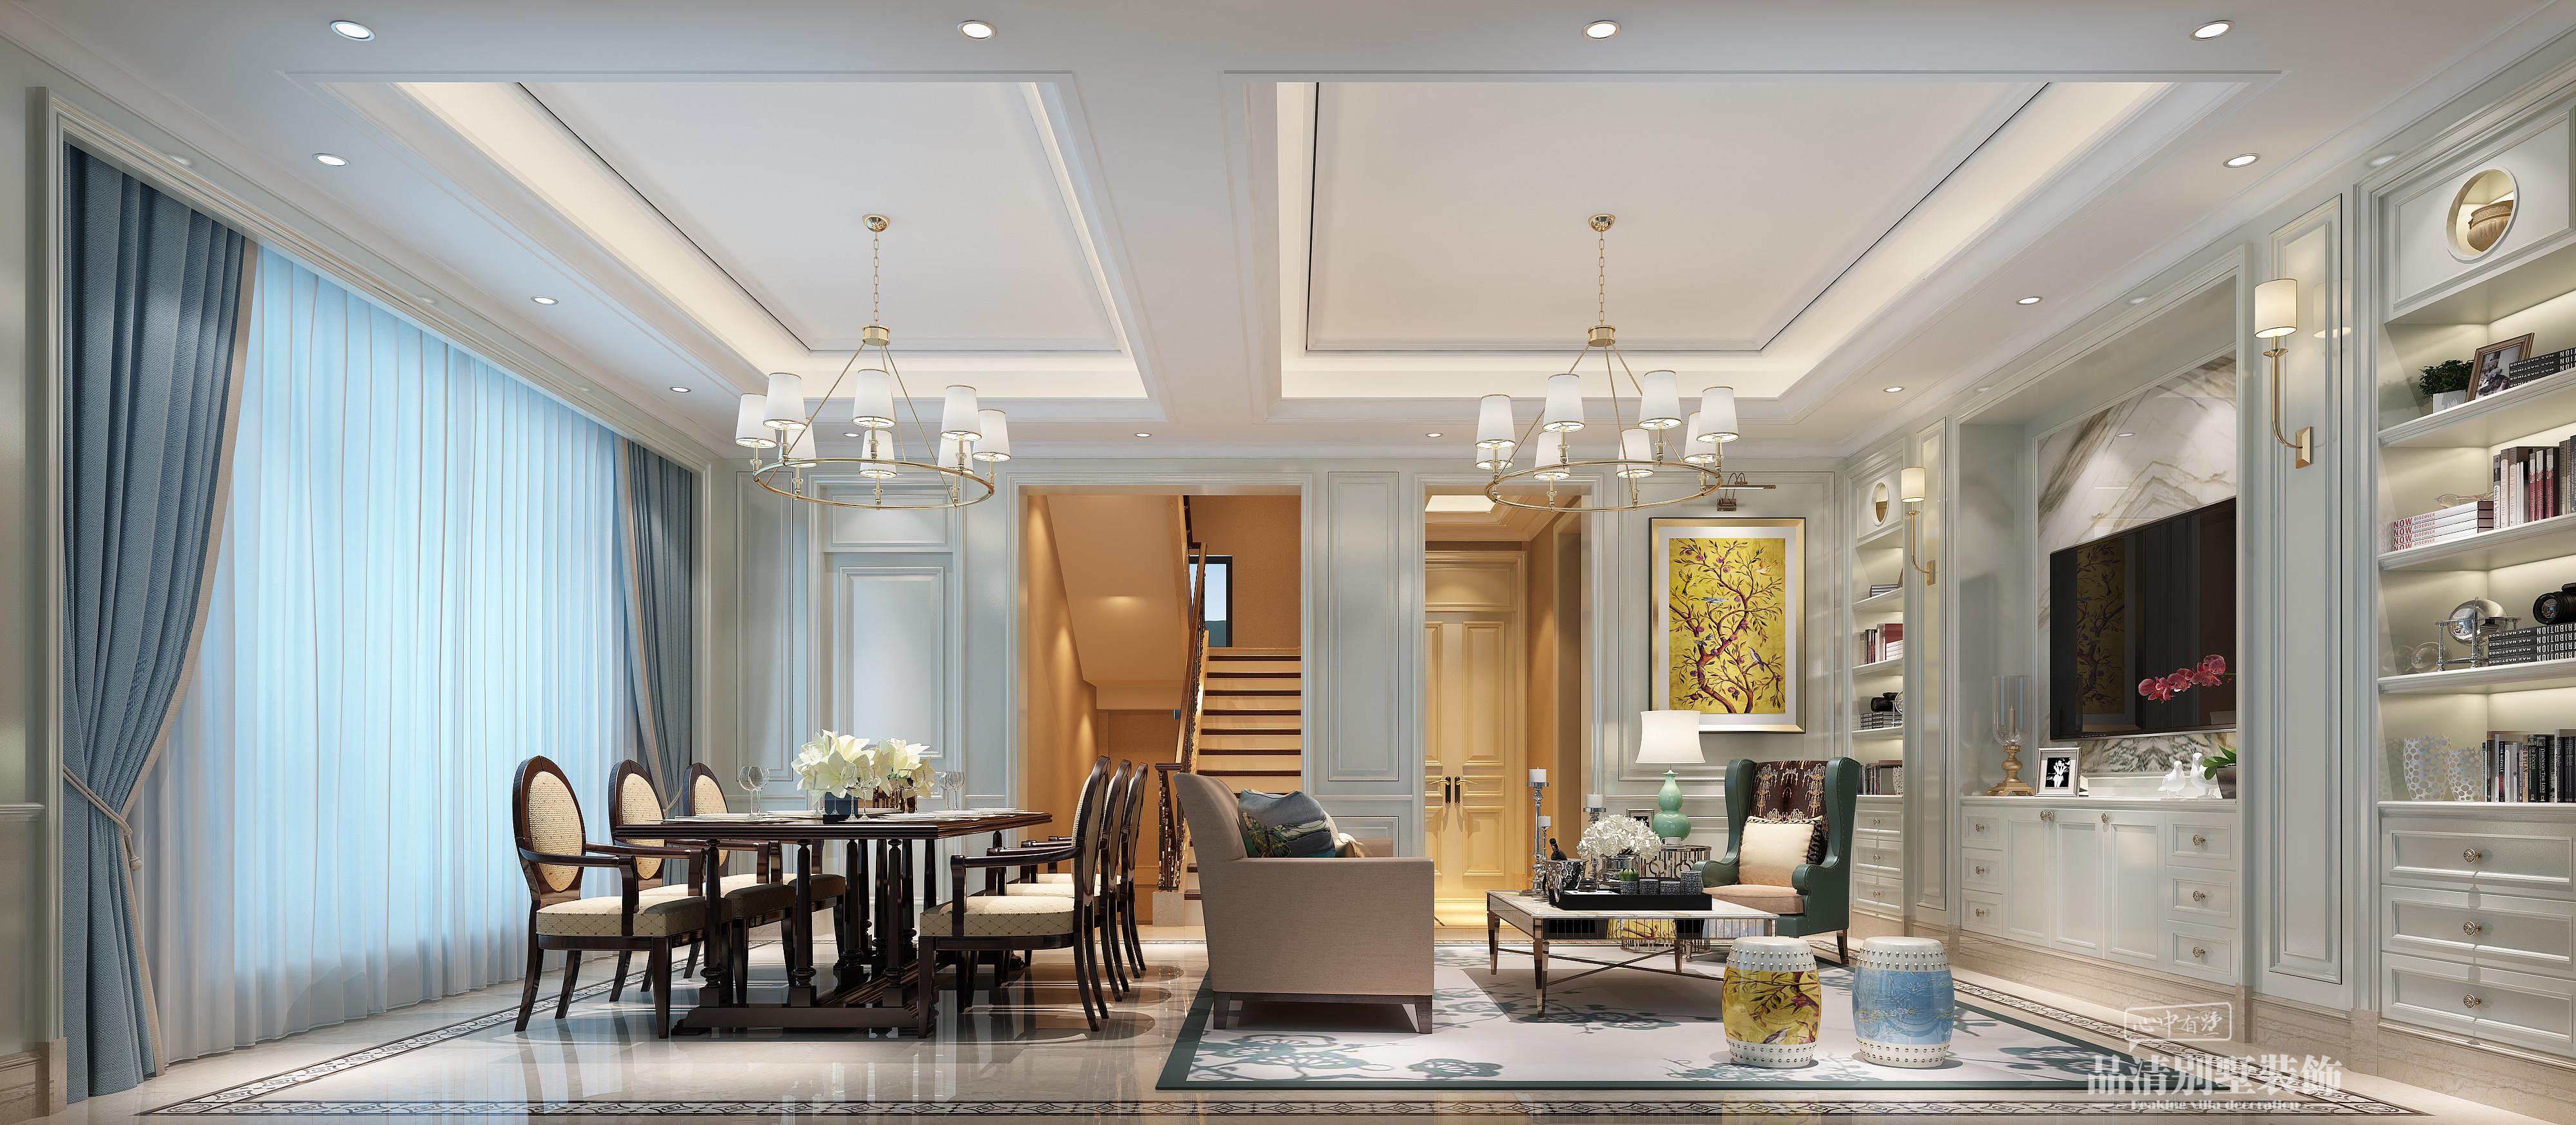 别墅 无锡别墅 美式风格图片来自别墅装修设计师在碧桂园330㎡美式的分享